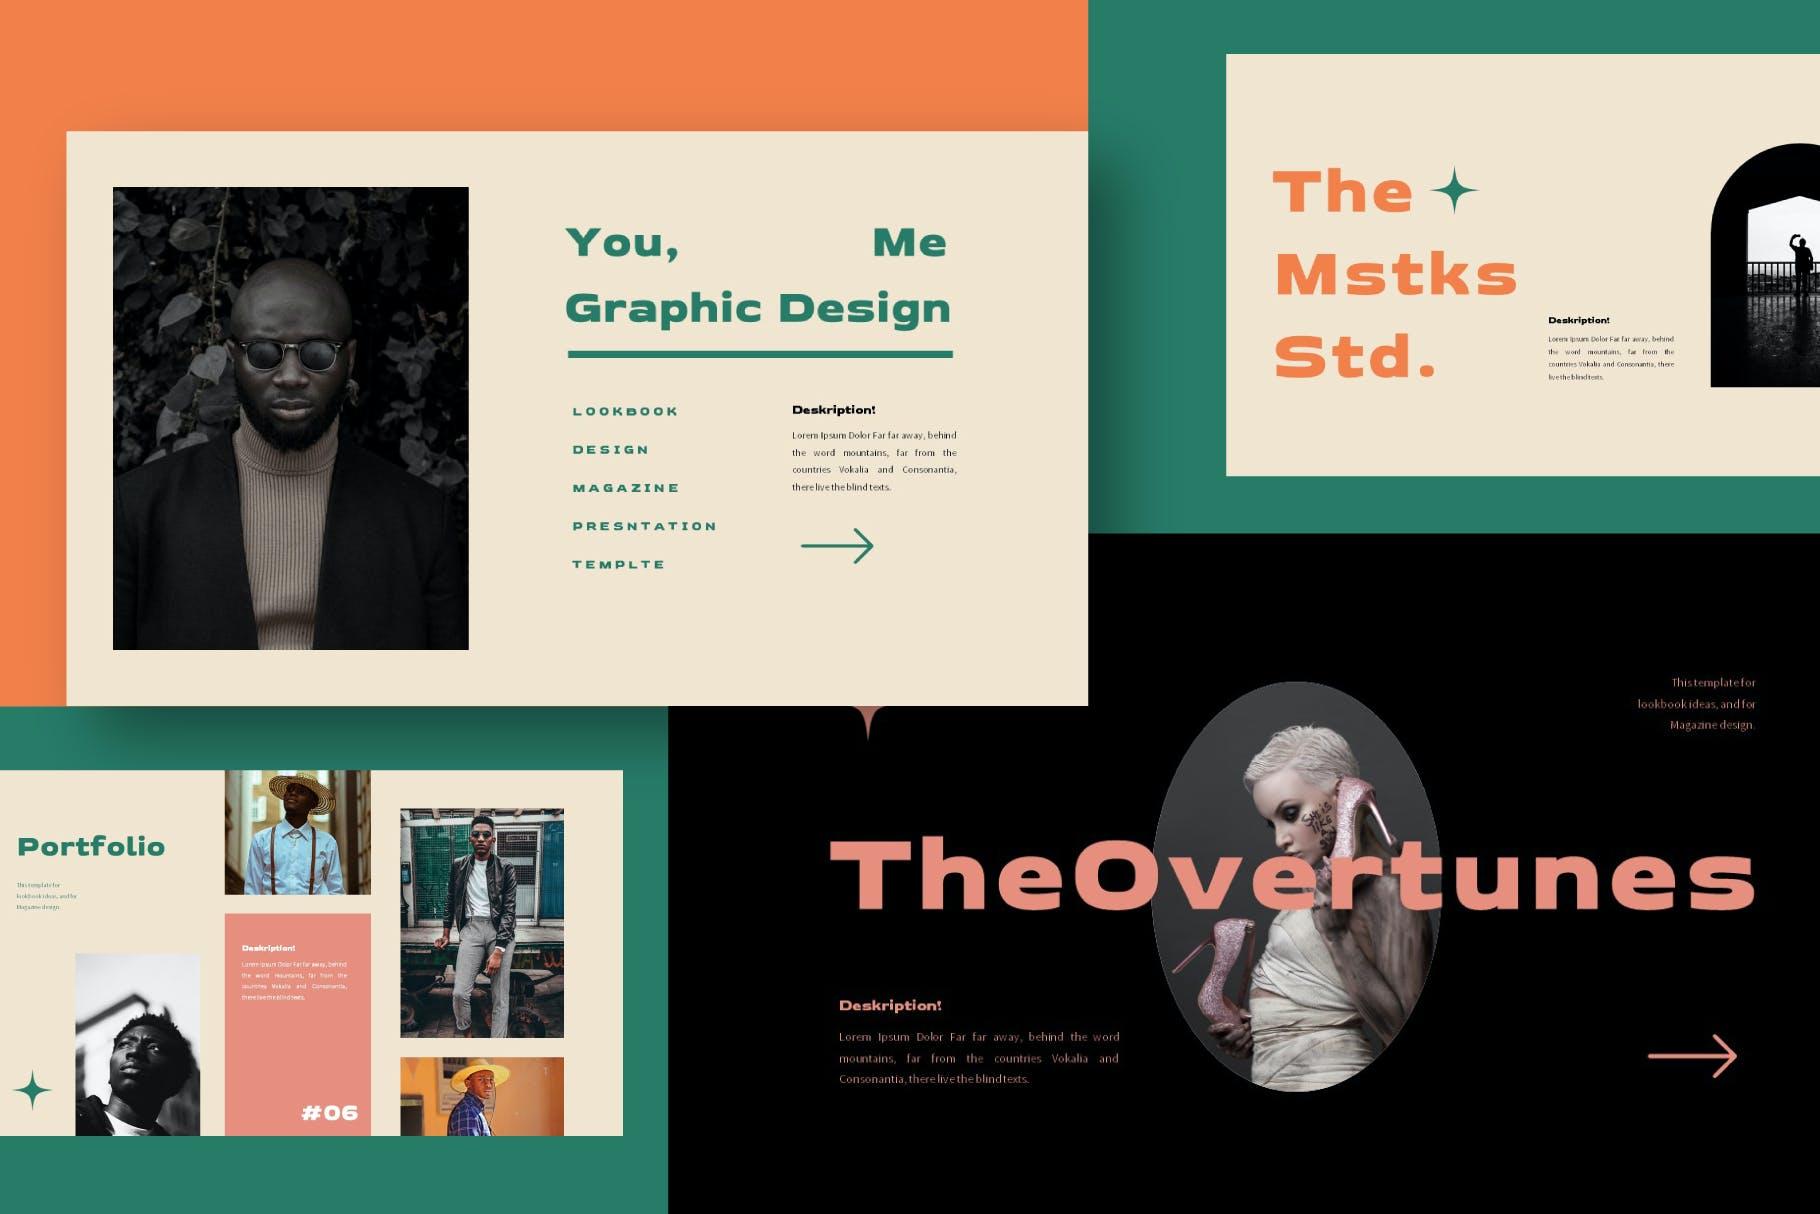 优雅品牌策划提案简报演示文稿设计PPT模版 Mistakes Powerpoint Template插图8